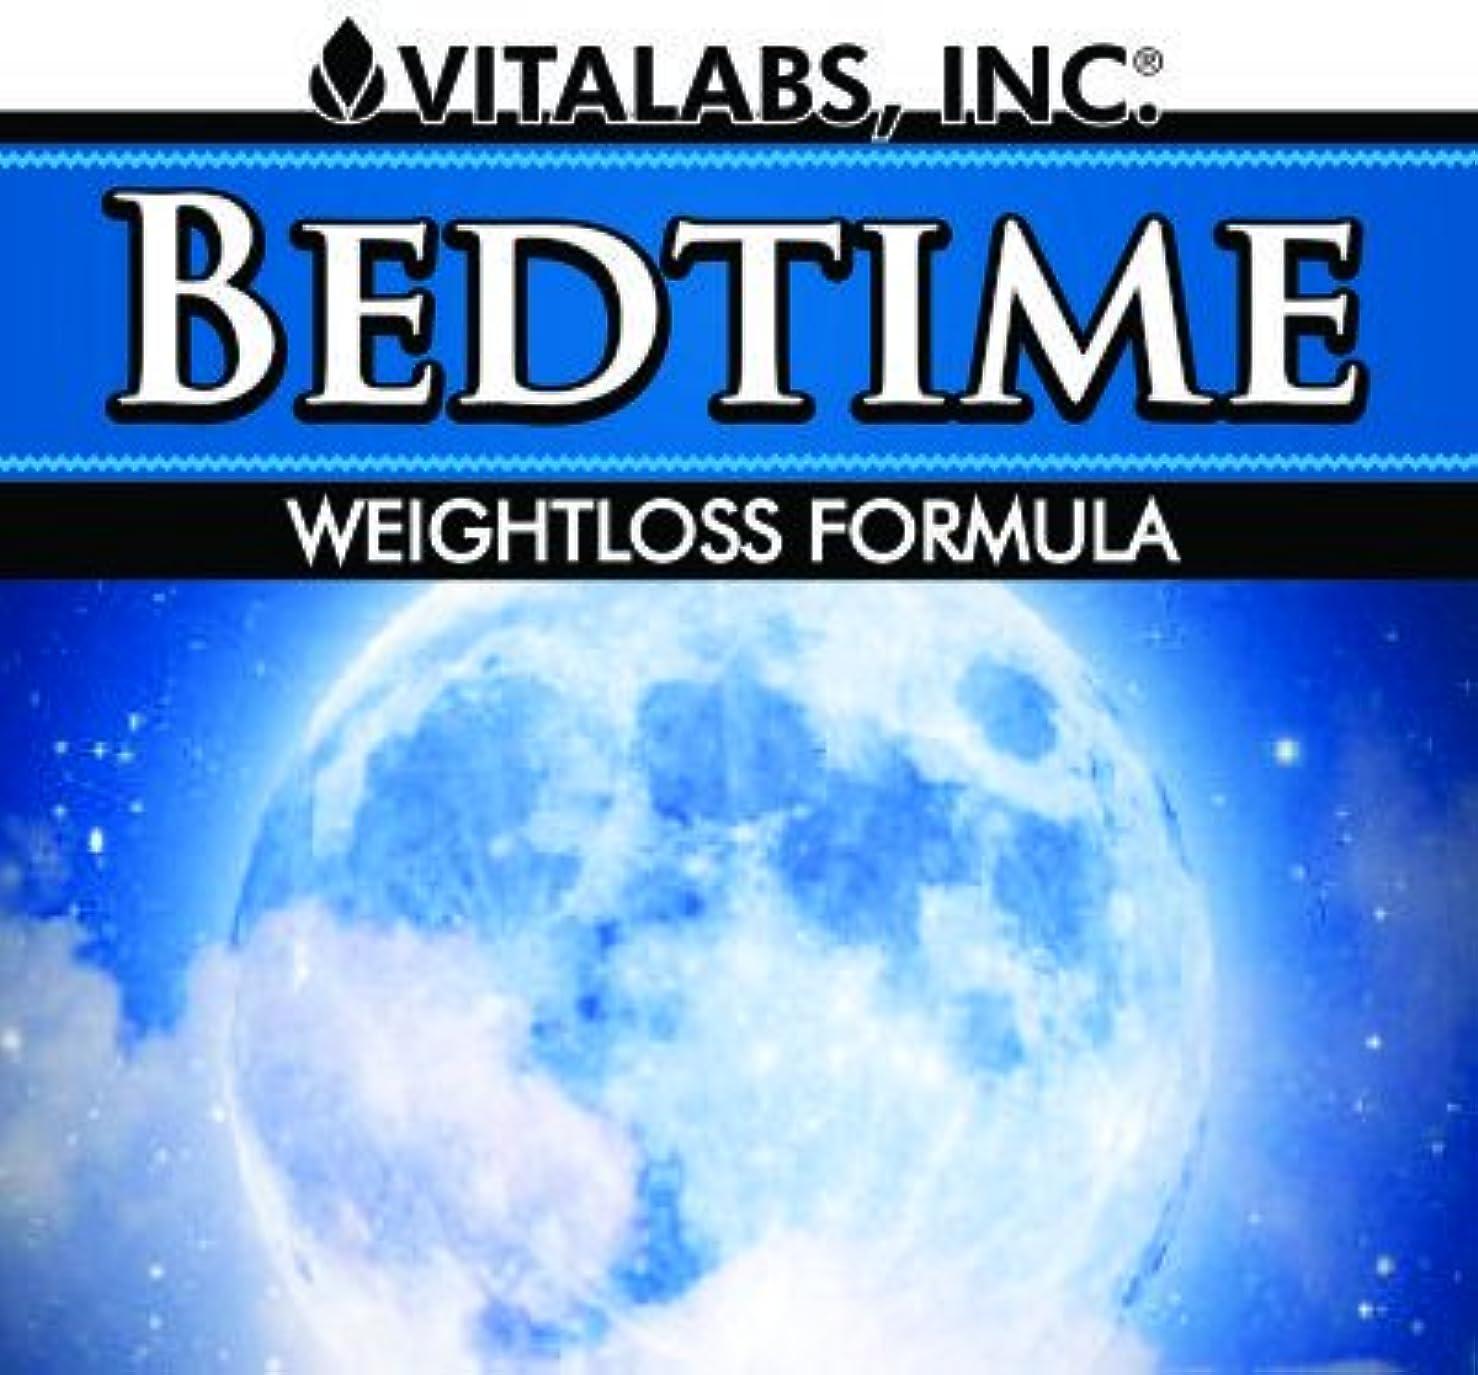 刈るヶ月目小康Saturn Supplements/Vitalabs BedTime Weight Lost ベッドタイムウェイトロス 60カプセル